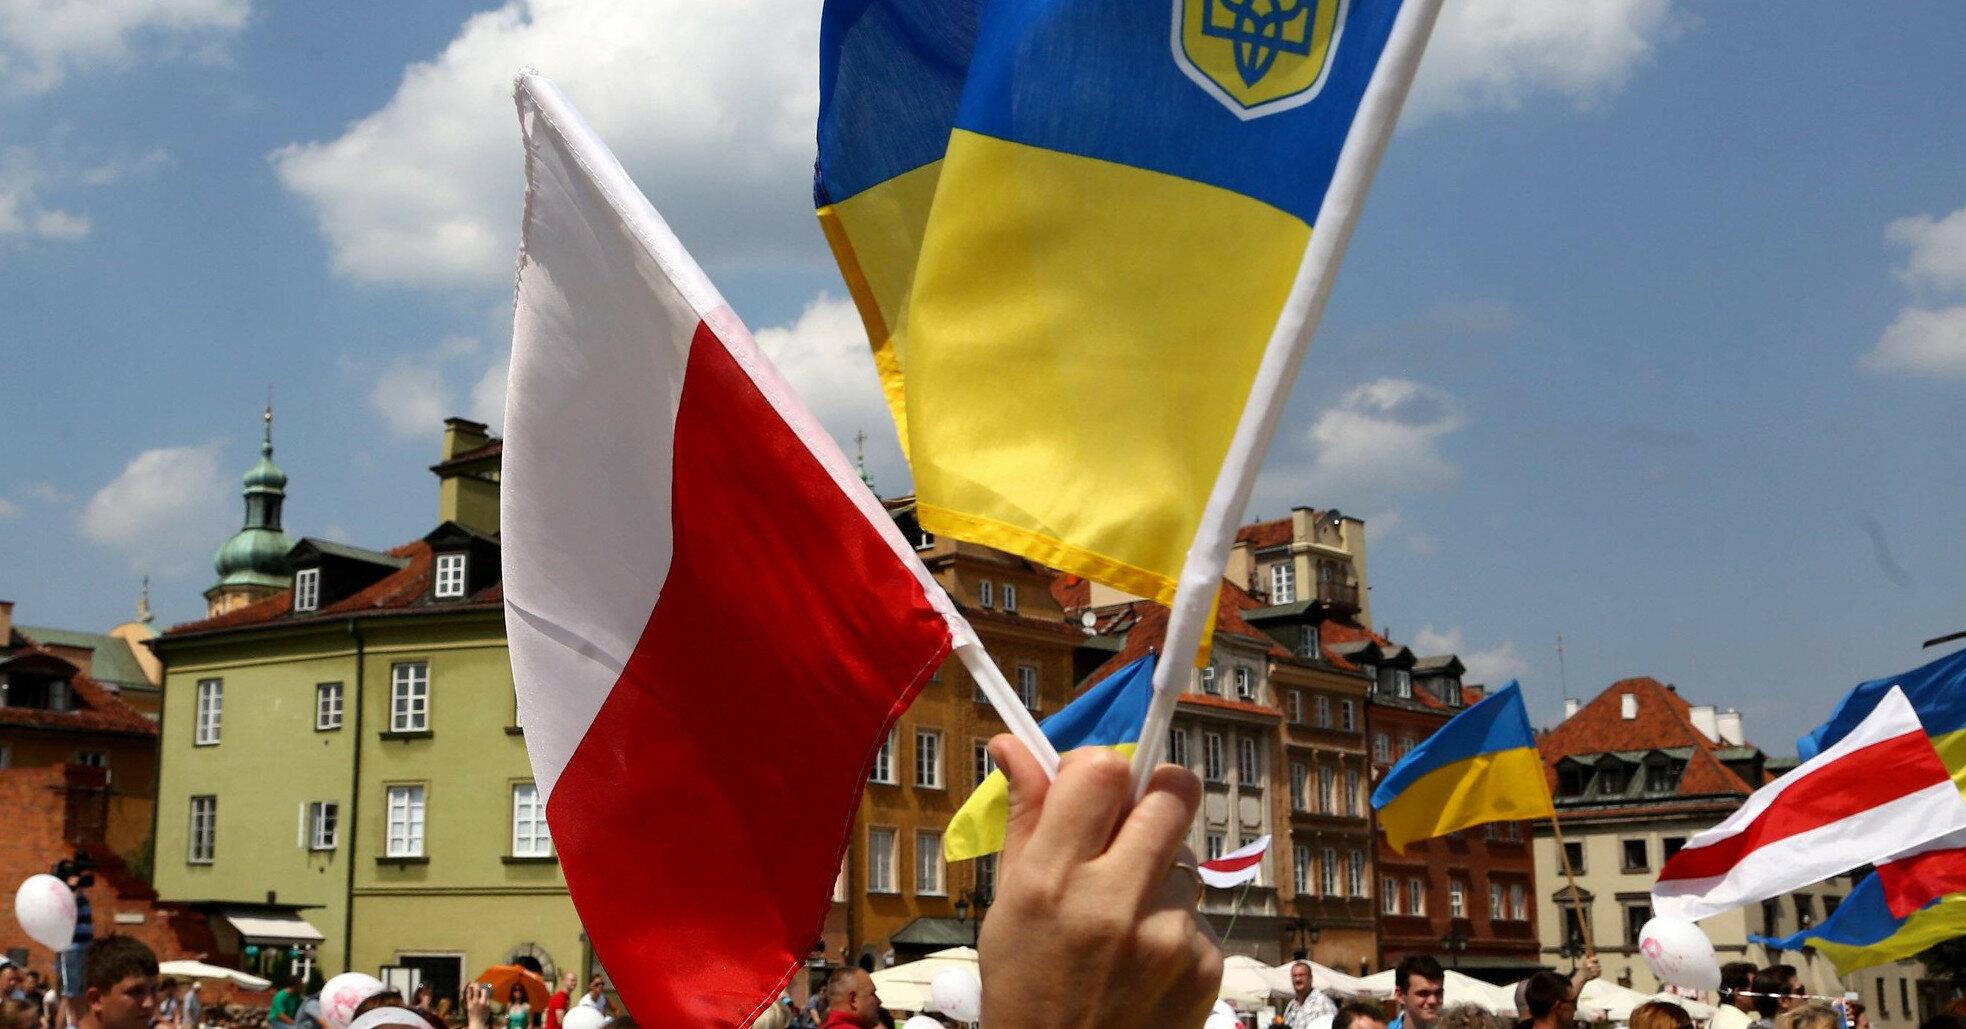 Работа в Чехии и Польше: на какие вакансии берут украинцев